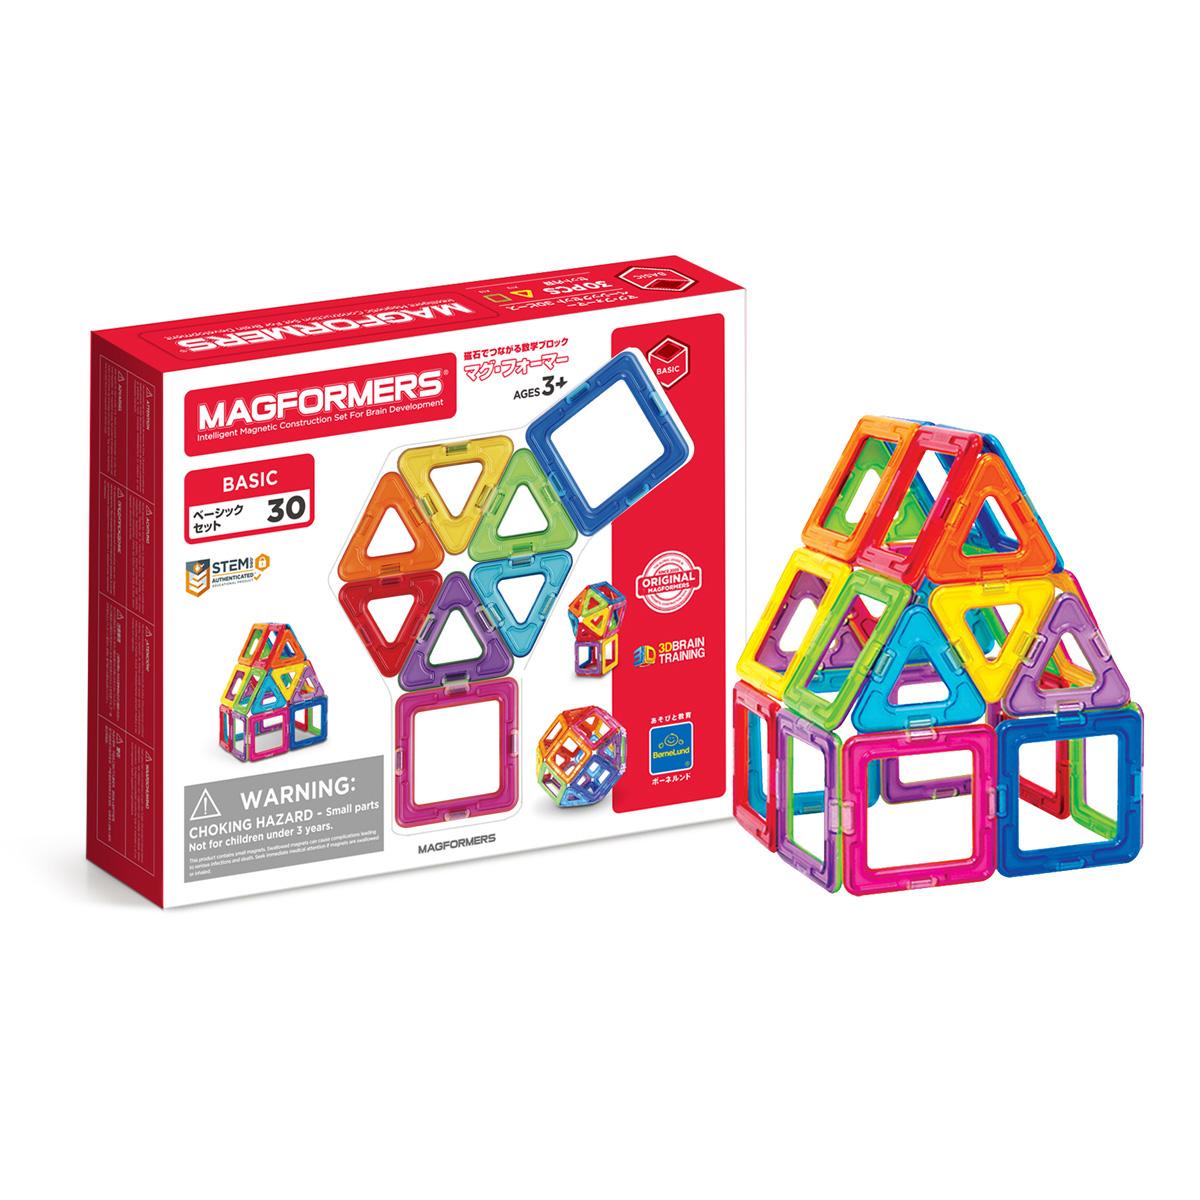 ご家族みんなで☆磁石ブロック「マグ・フォーマー」で遊ぼう!